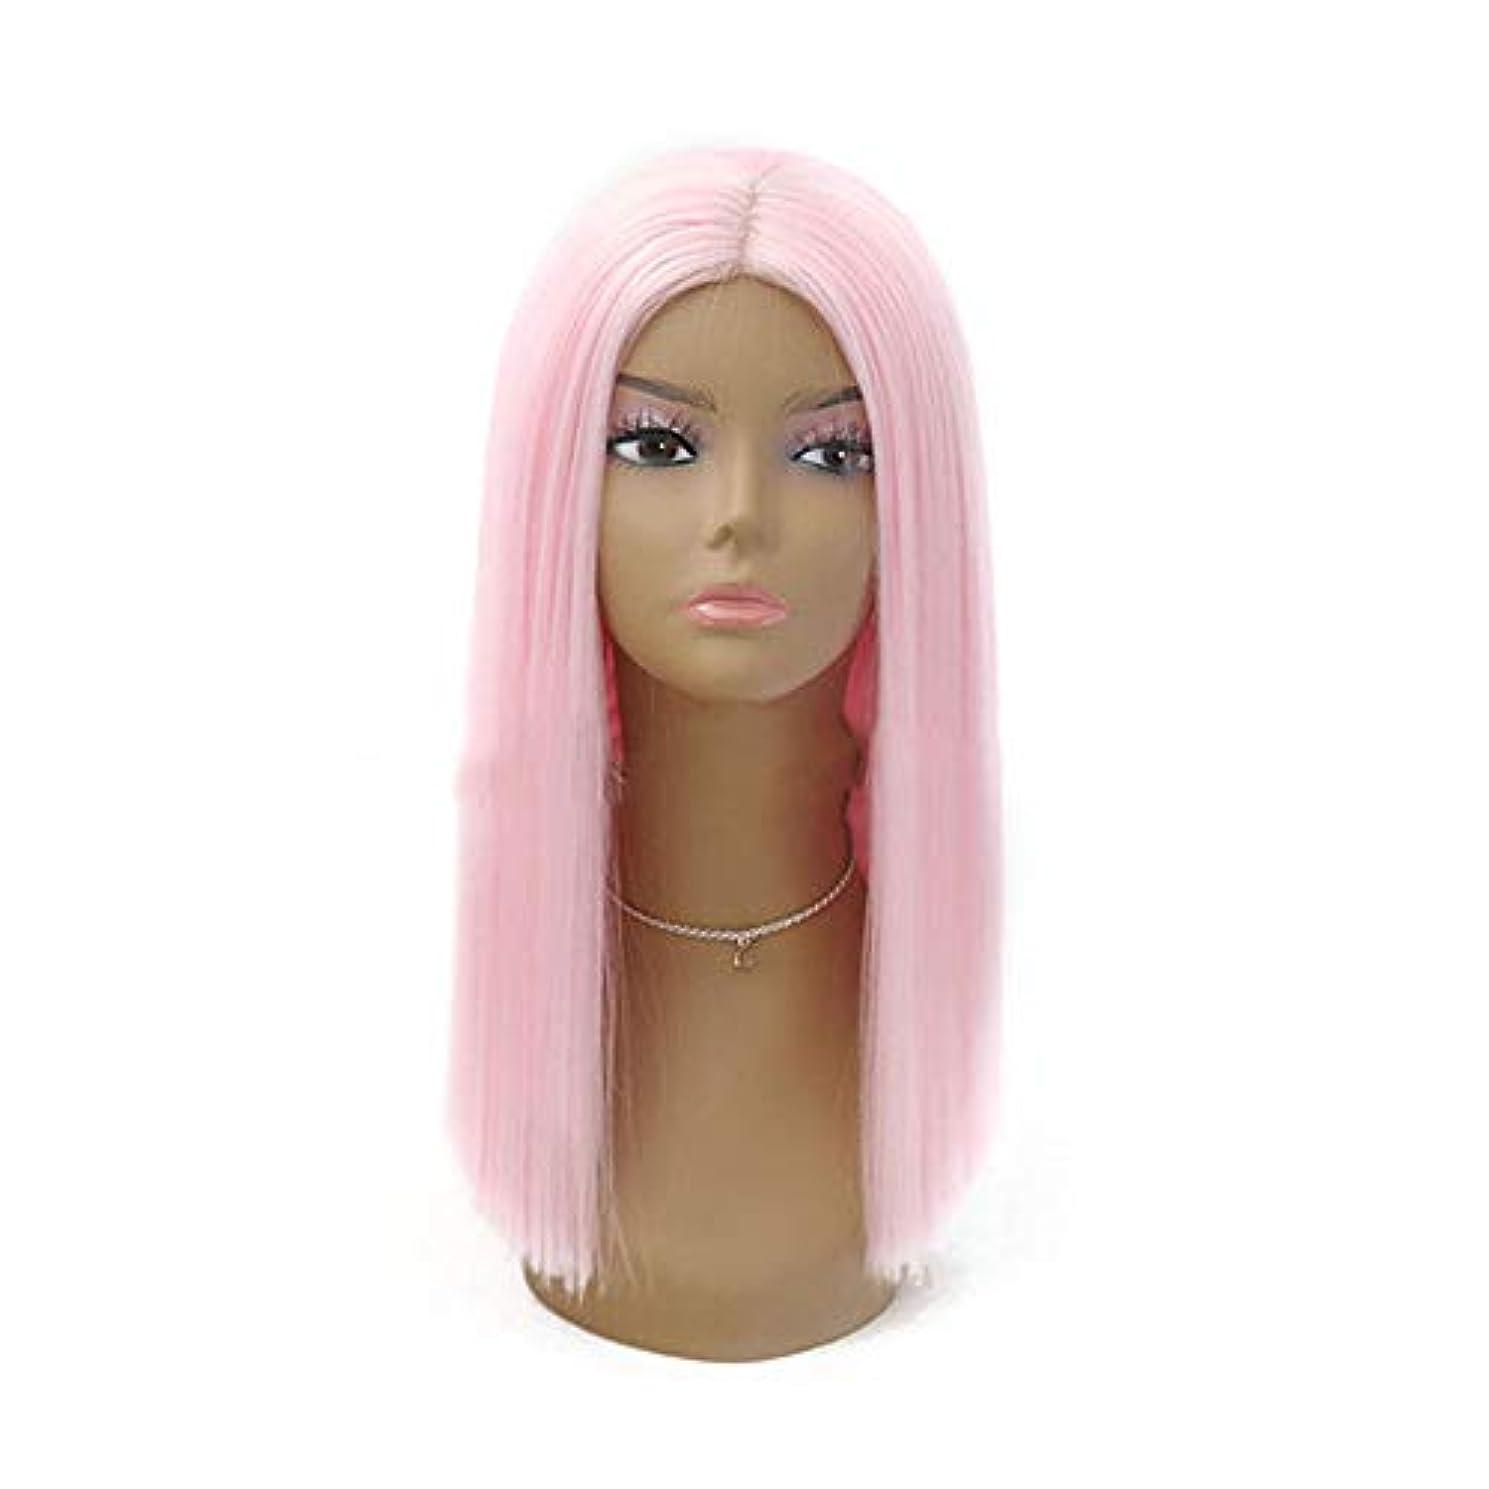 実証するファンネルウェブスパイダー宝YOUQIU フロントレースウィッグ、女性の化学繊維の髪、ライトピンクボブ、中東バックル、ロングヘアウィッグウィッグ (色 : Light pink, サイズ : 20 inch)